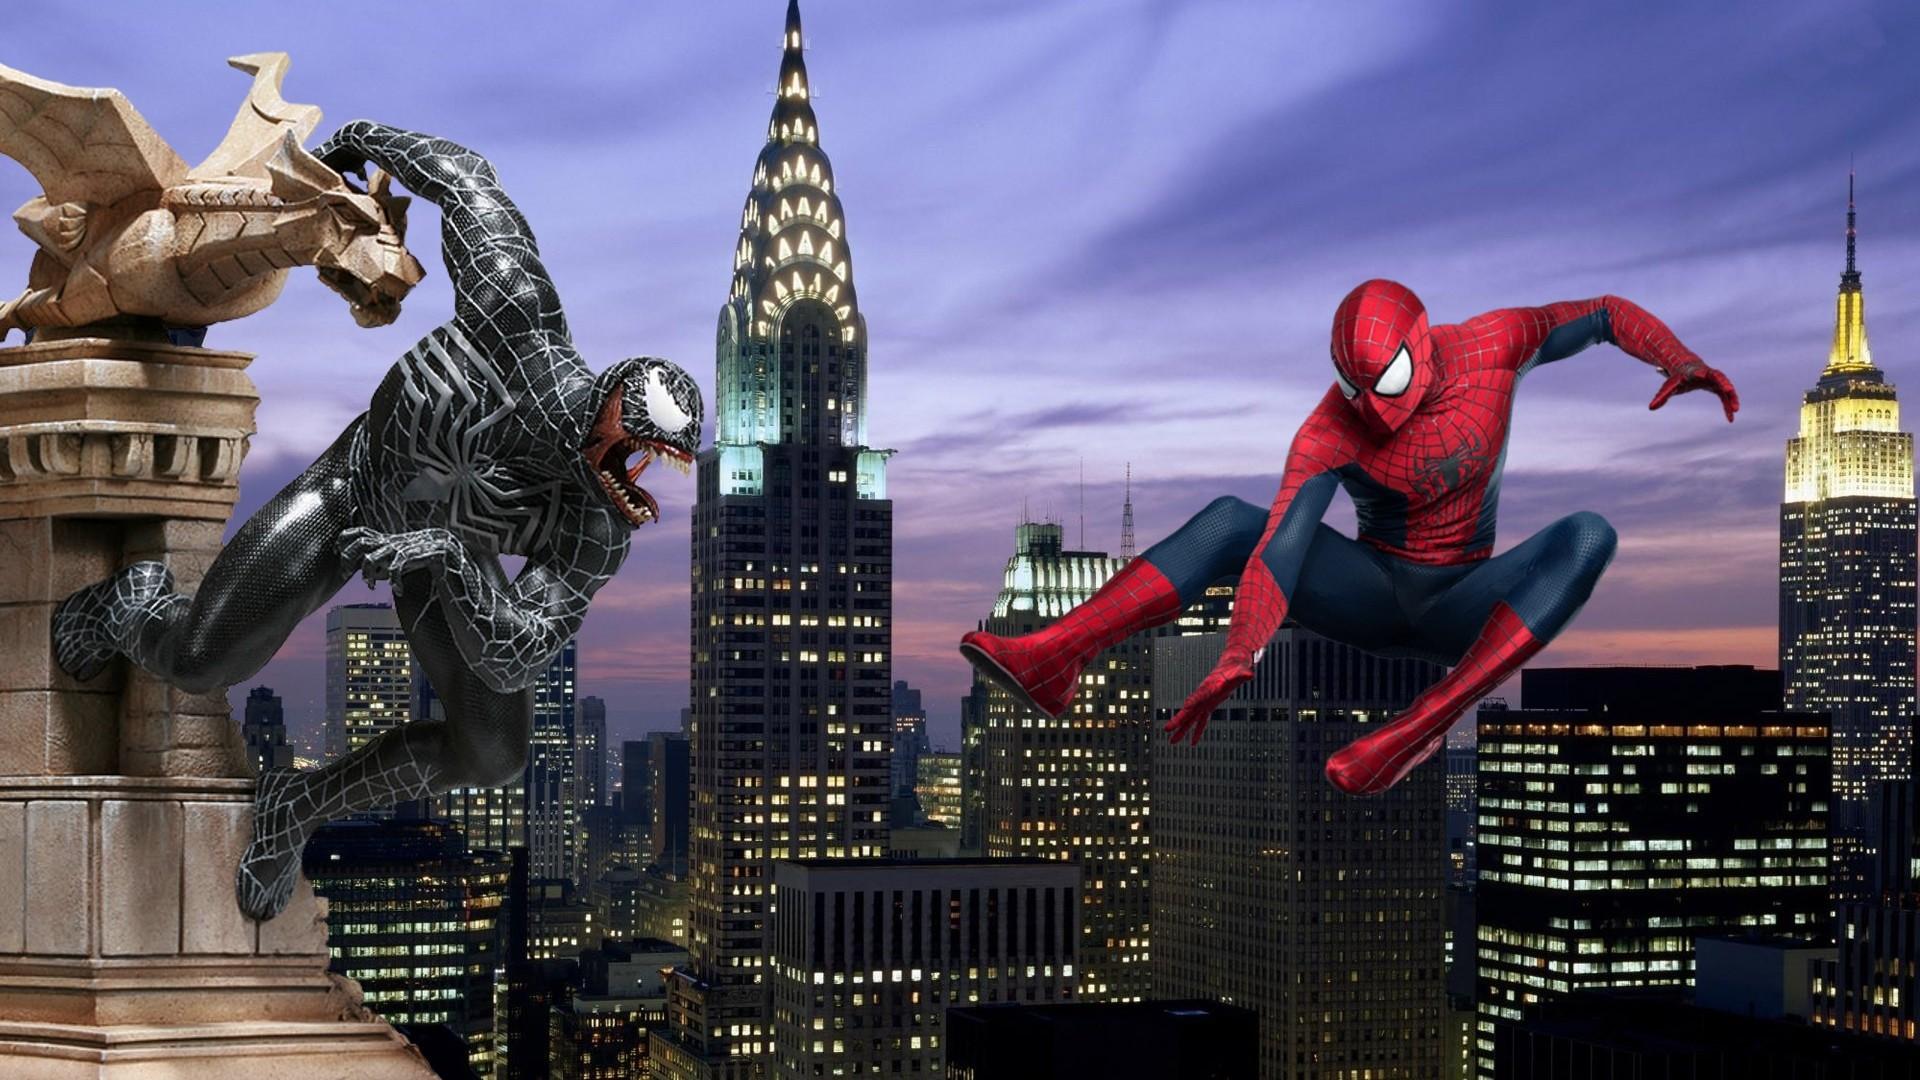 Spiderman vs venom vs carnage vs lizard – photo#19